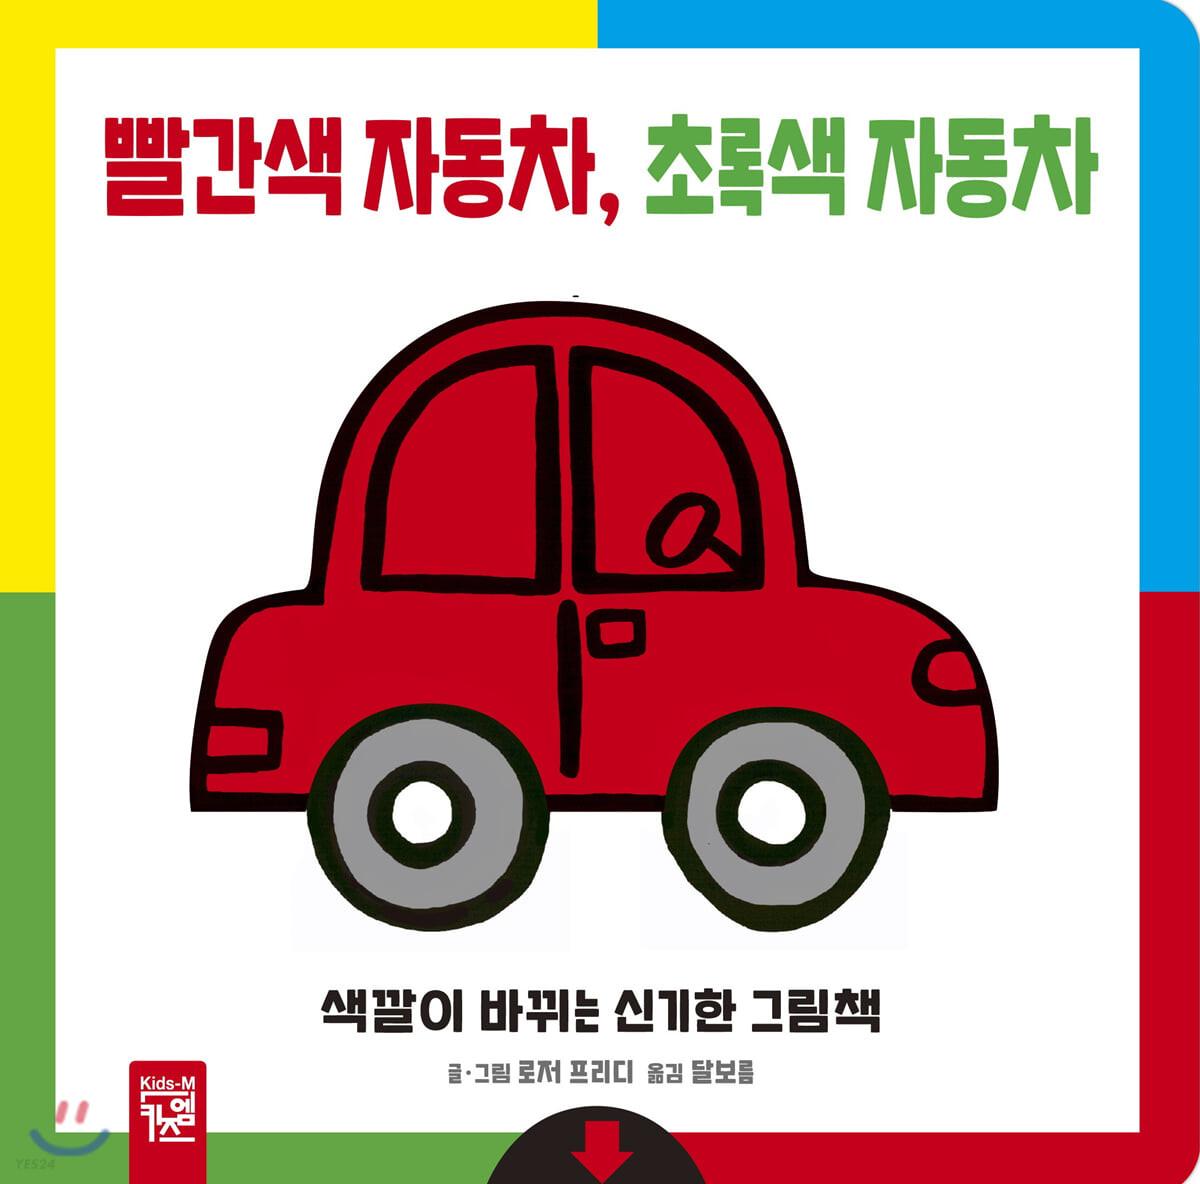 빨간색 자동차, 초록색 자동차